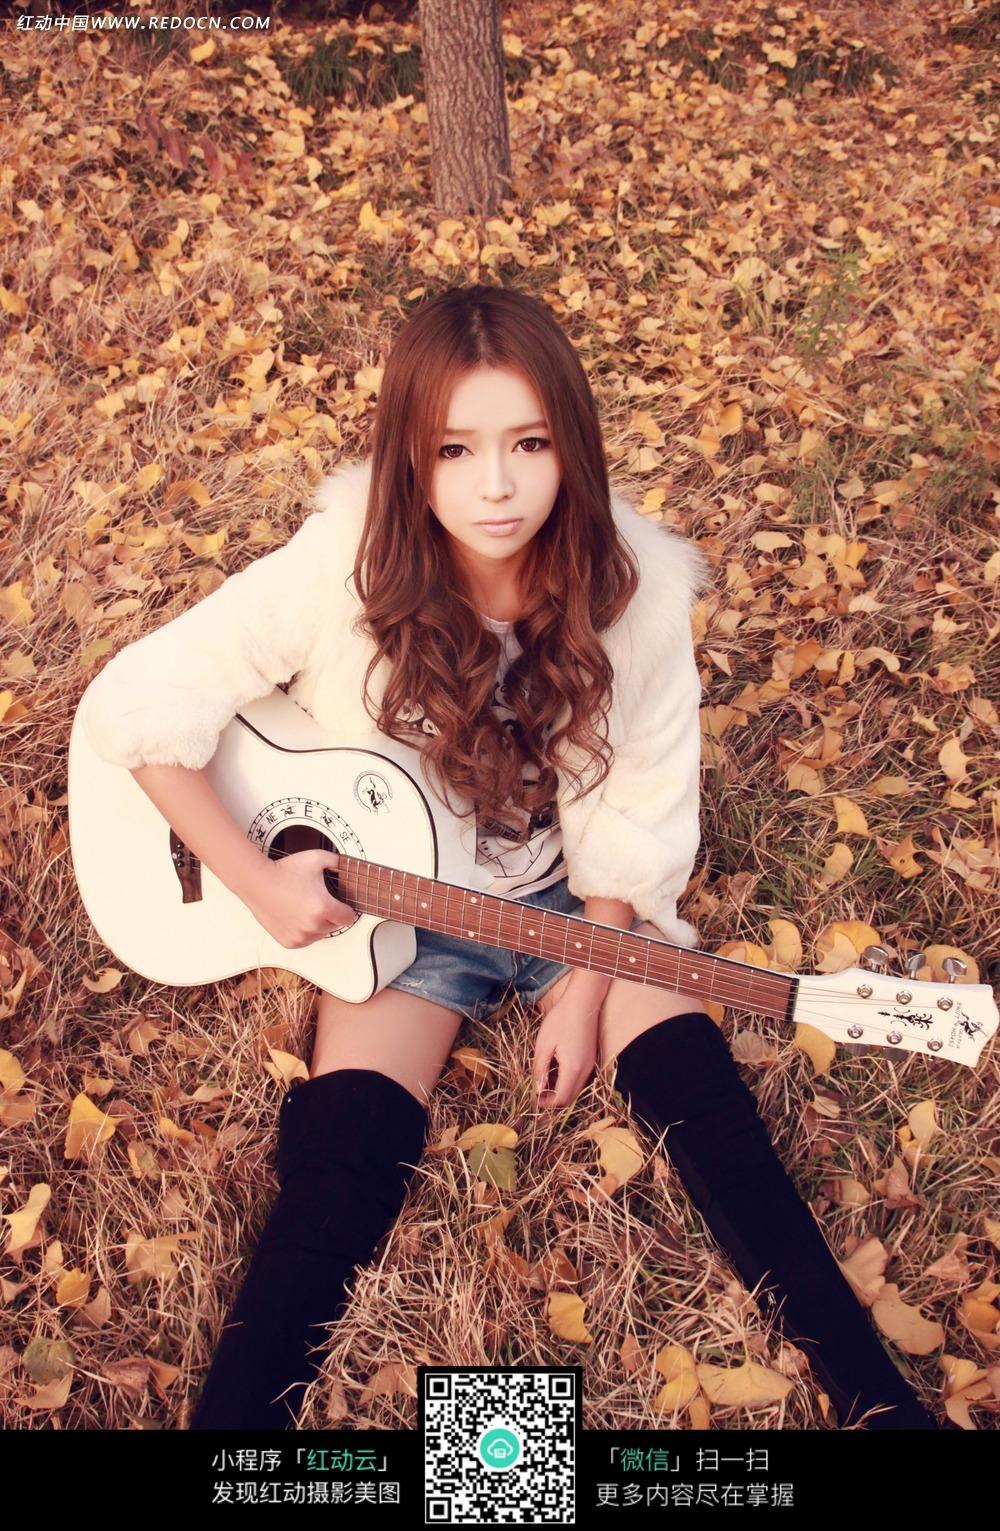 吉他美女写真图片 人物图片素材|图片库|图库下载: